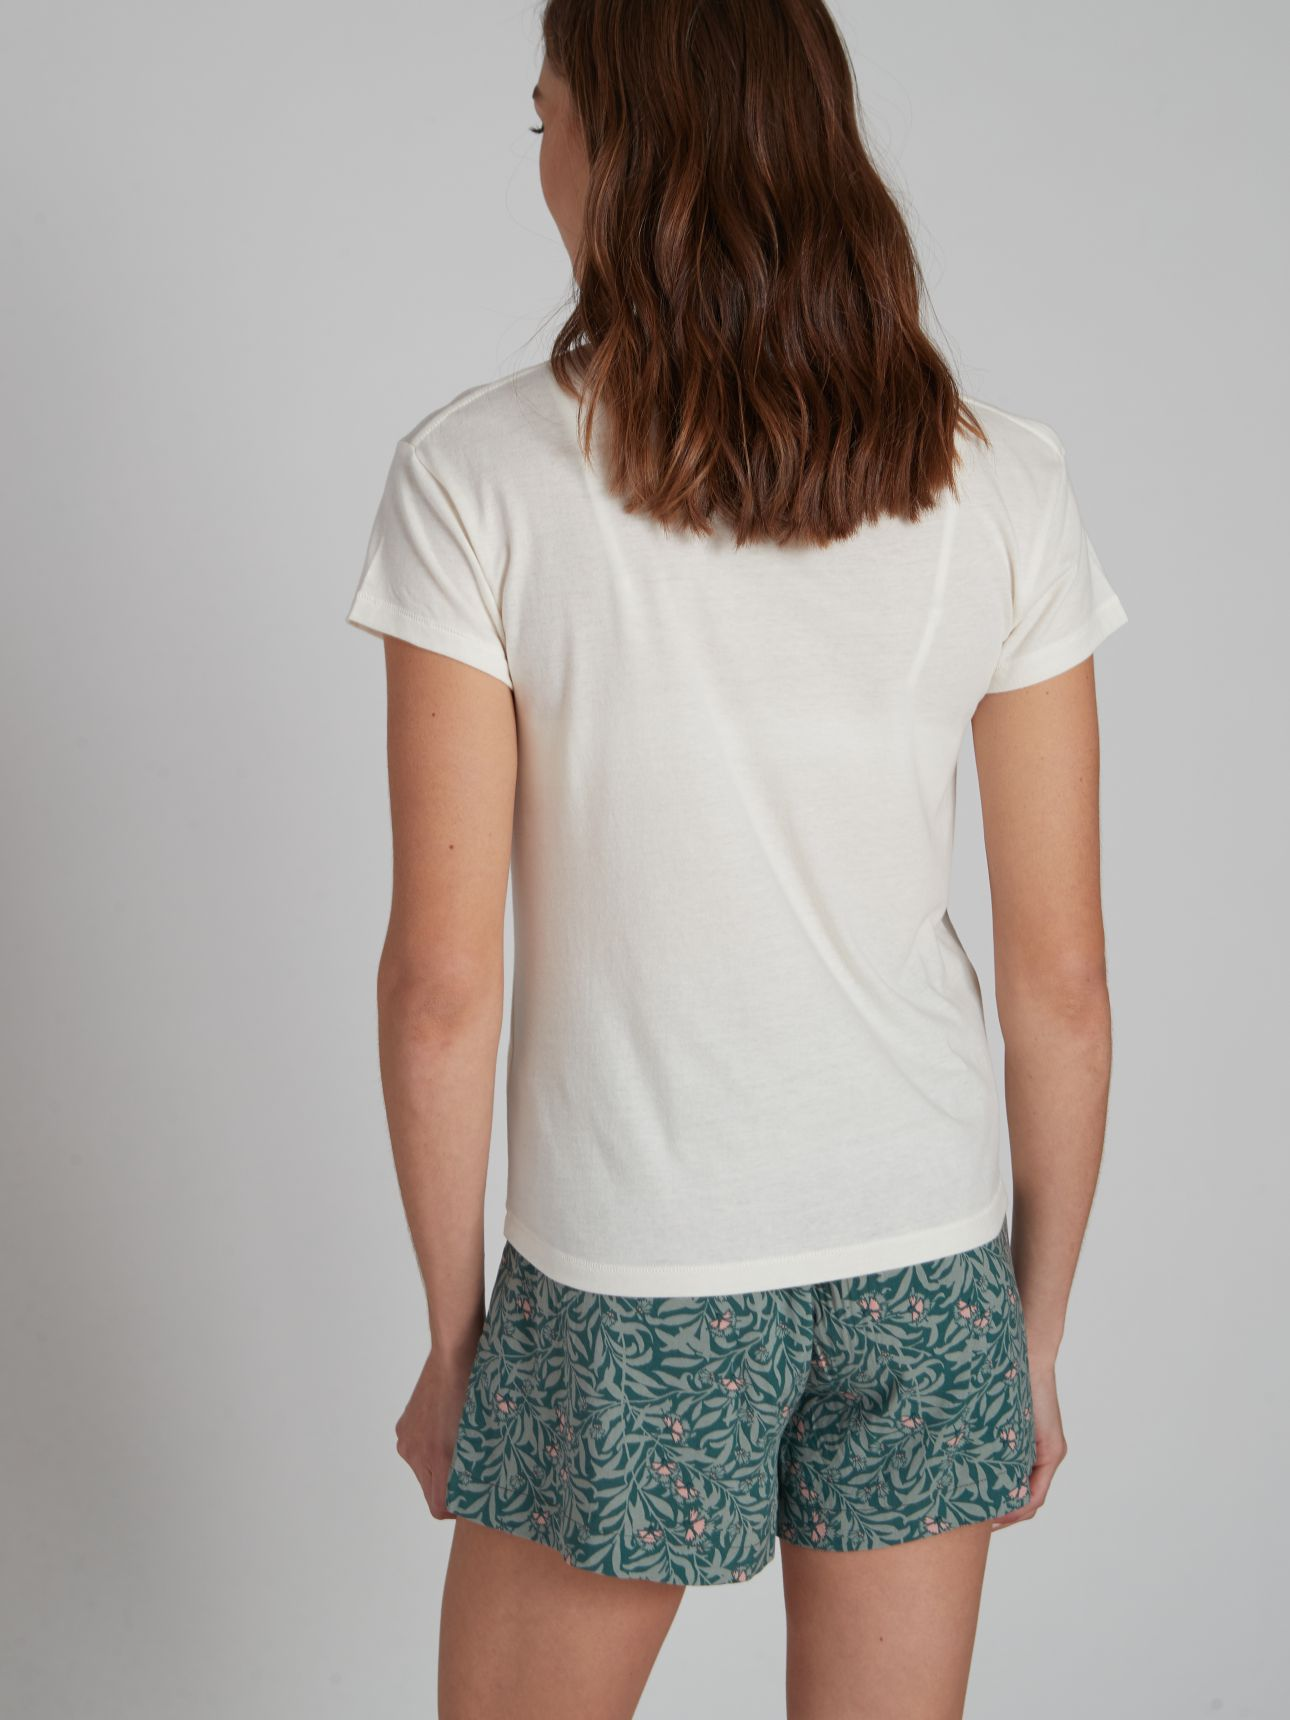 חולצת טי שירט עם רקמה בצבע אוף-וויט